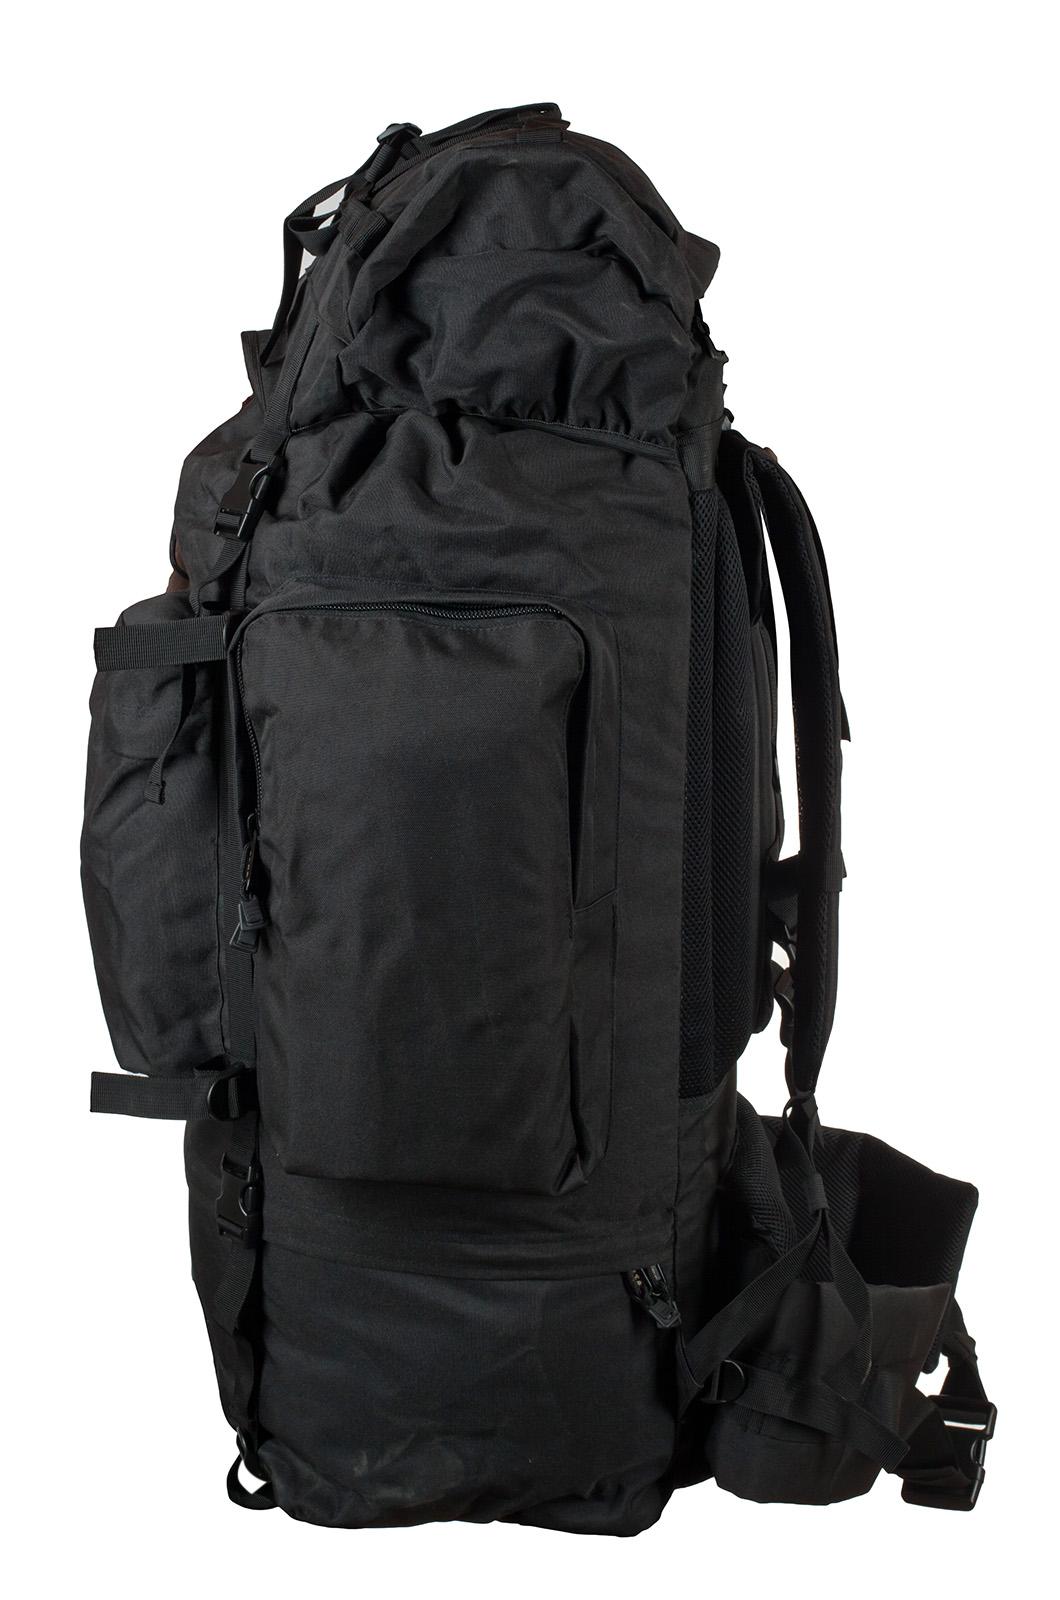 Большой удобный рюкзак с нашивкой Русская Охота - купить в Военпро